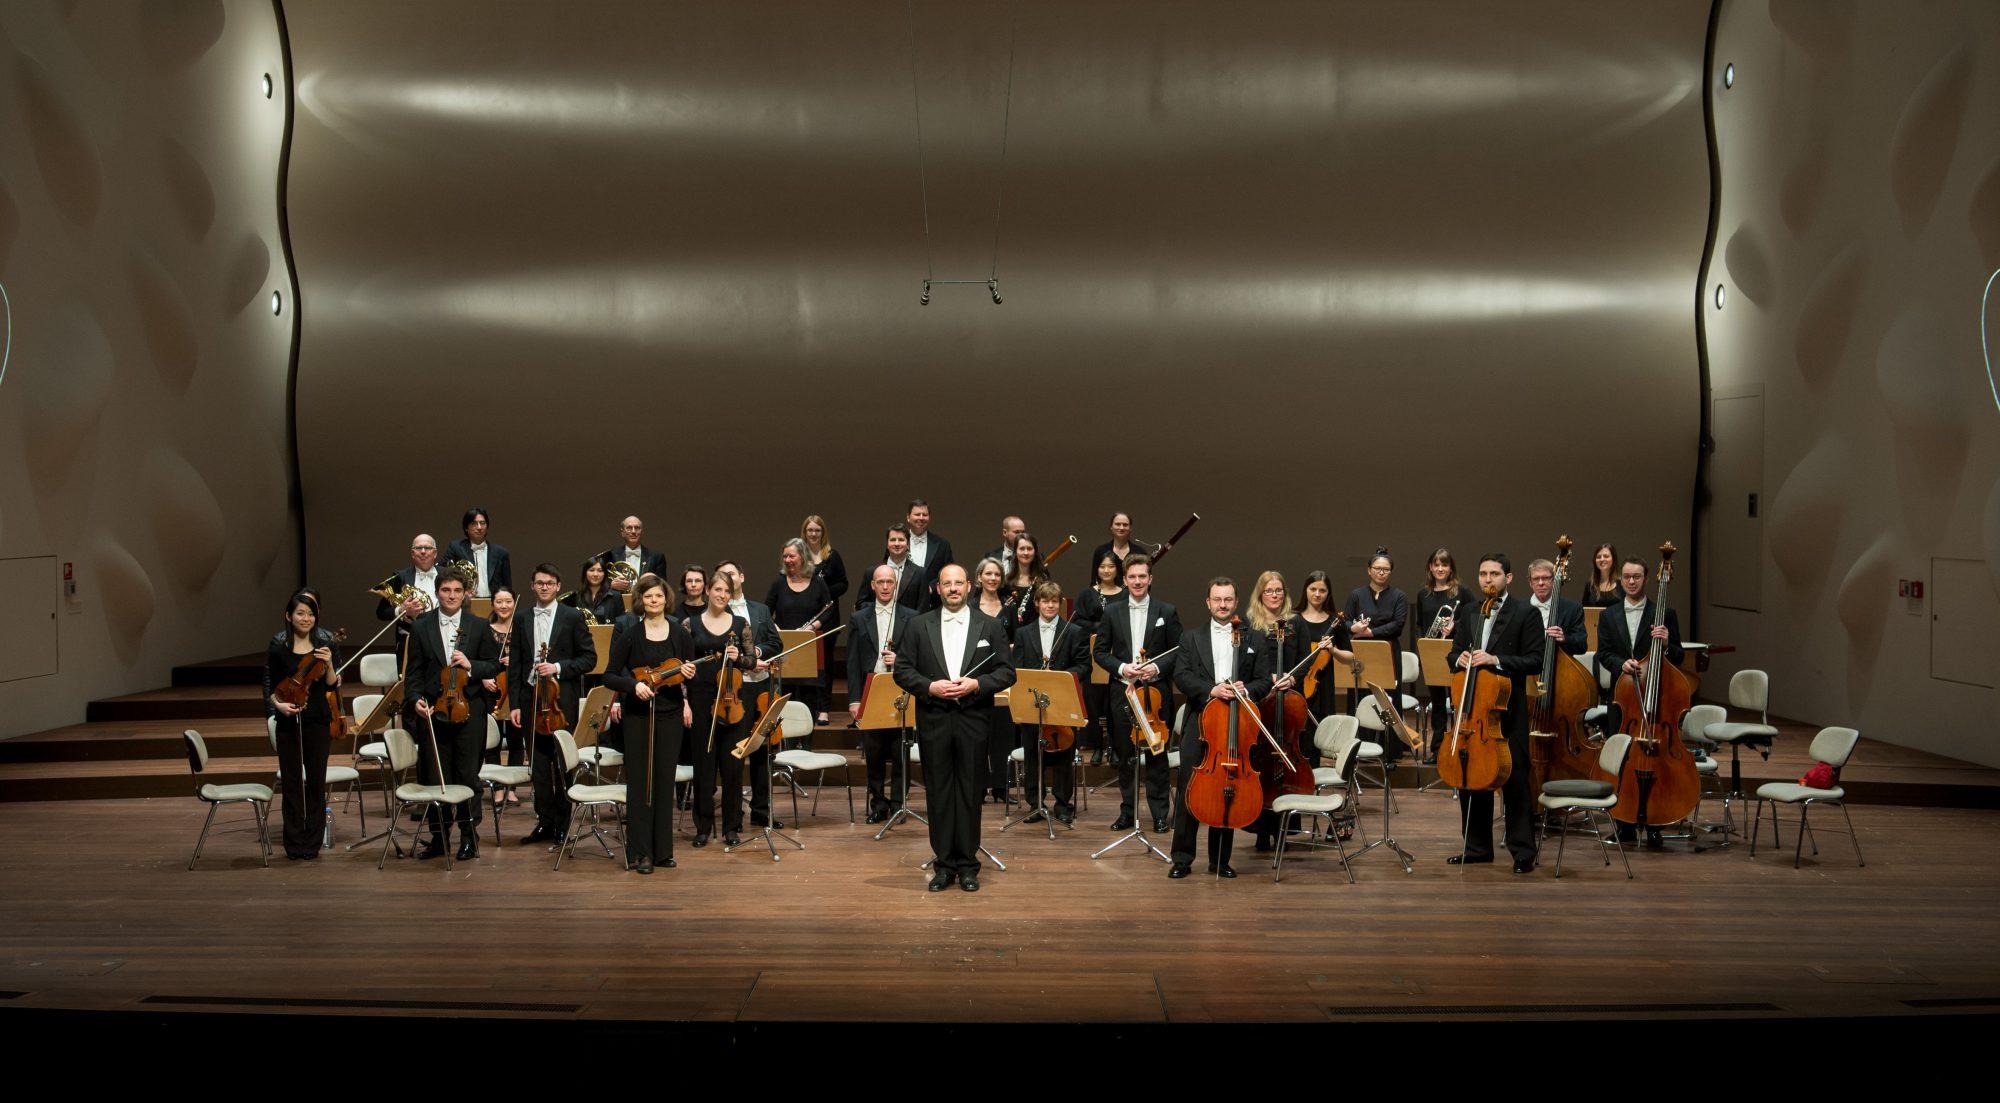 Neues Kammerorchester Potsdam